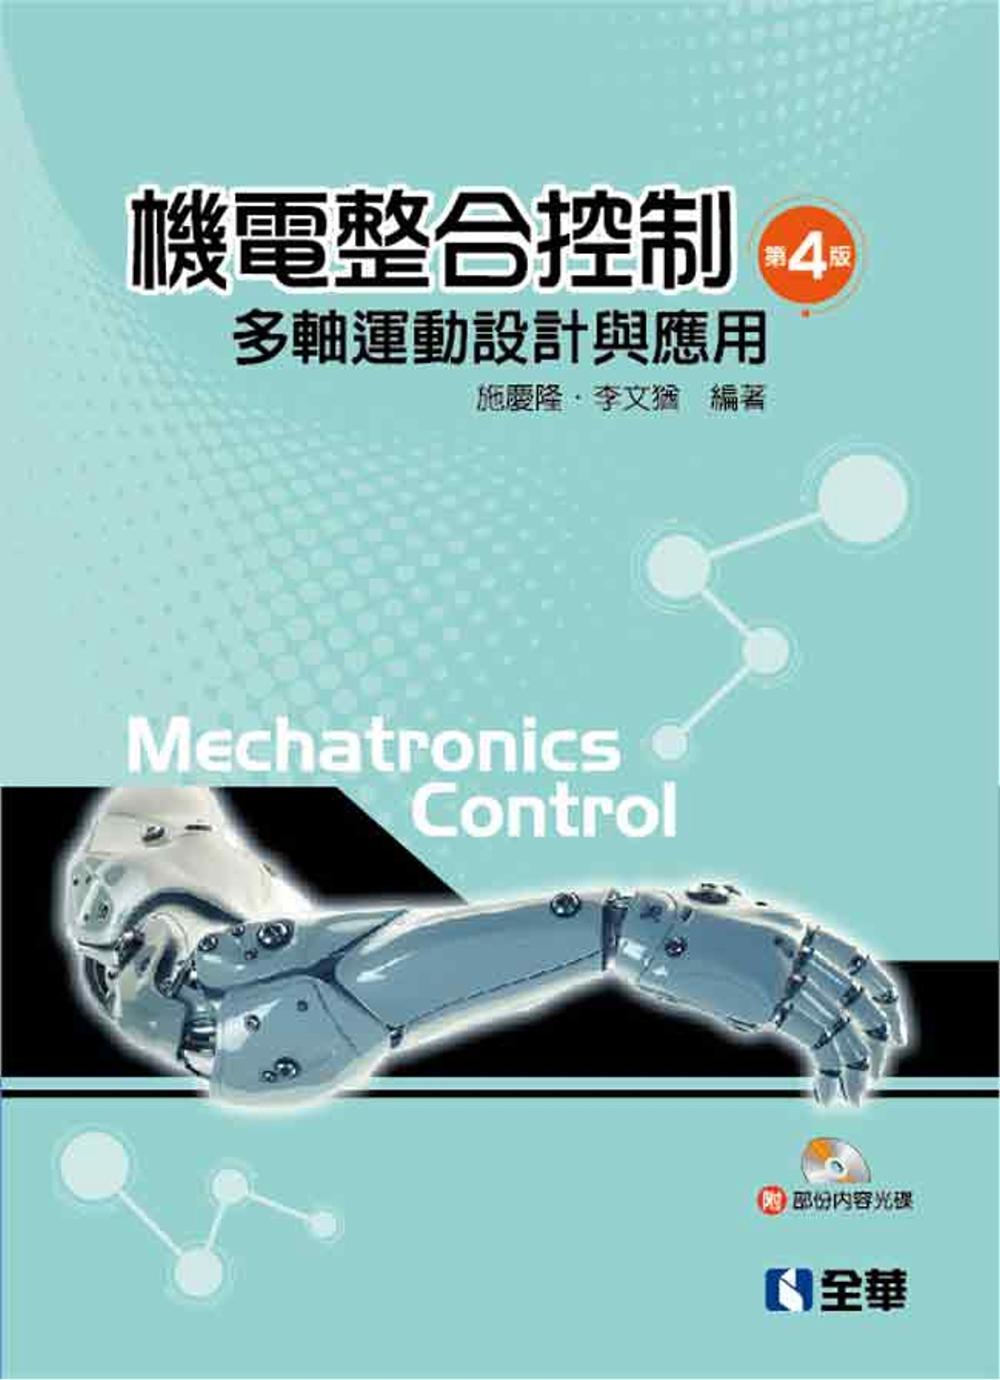 機電整合控制:多軸運動設計與應用(第四版)(附部分內容光碟)